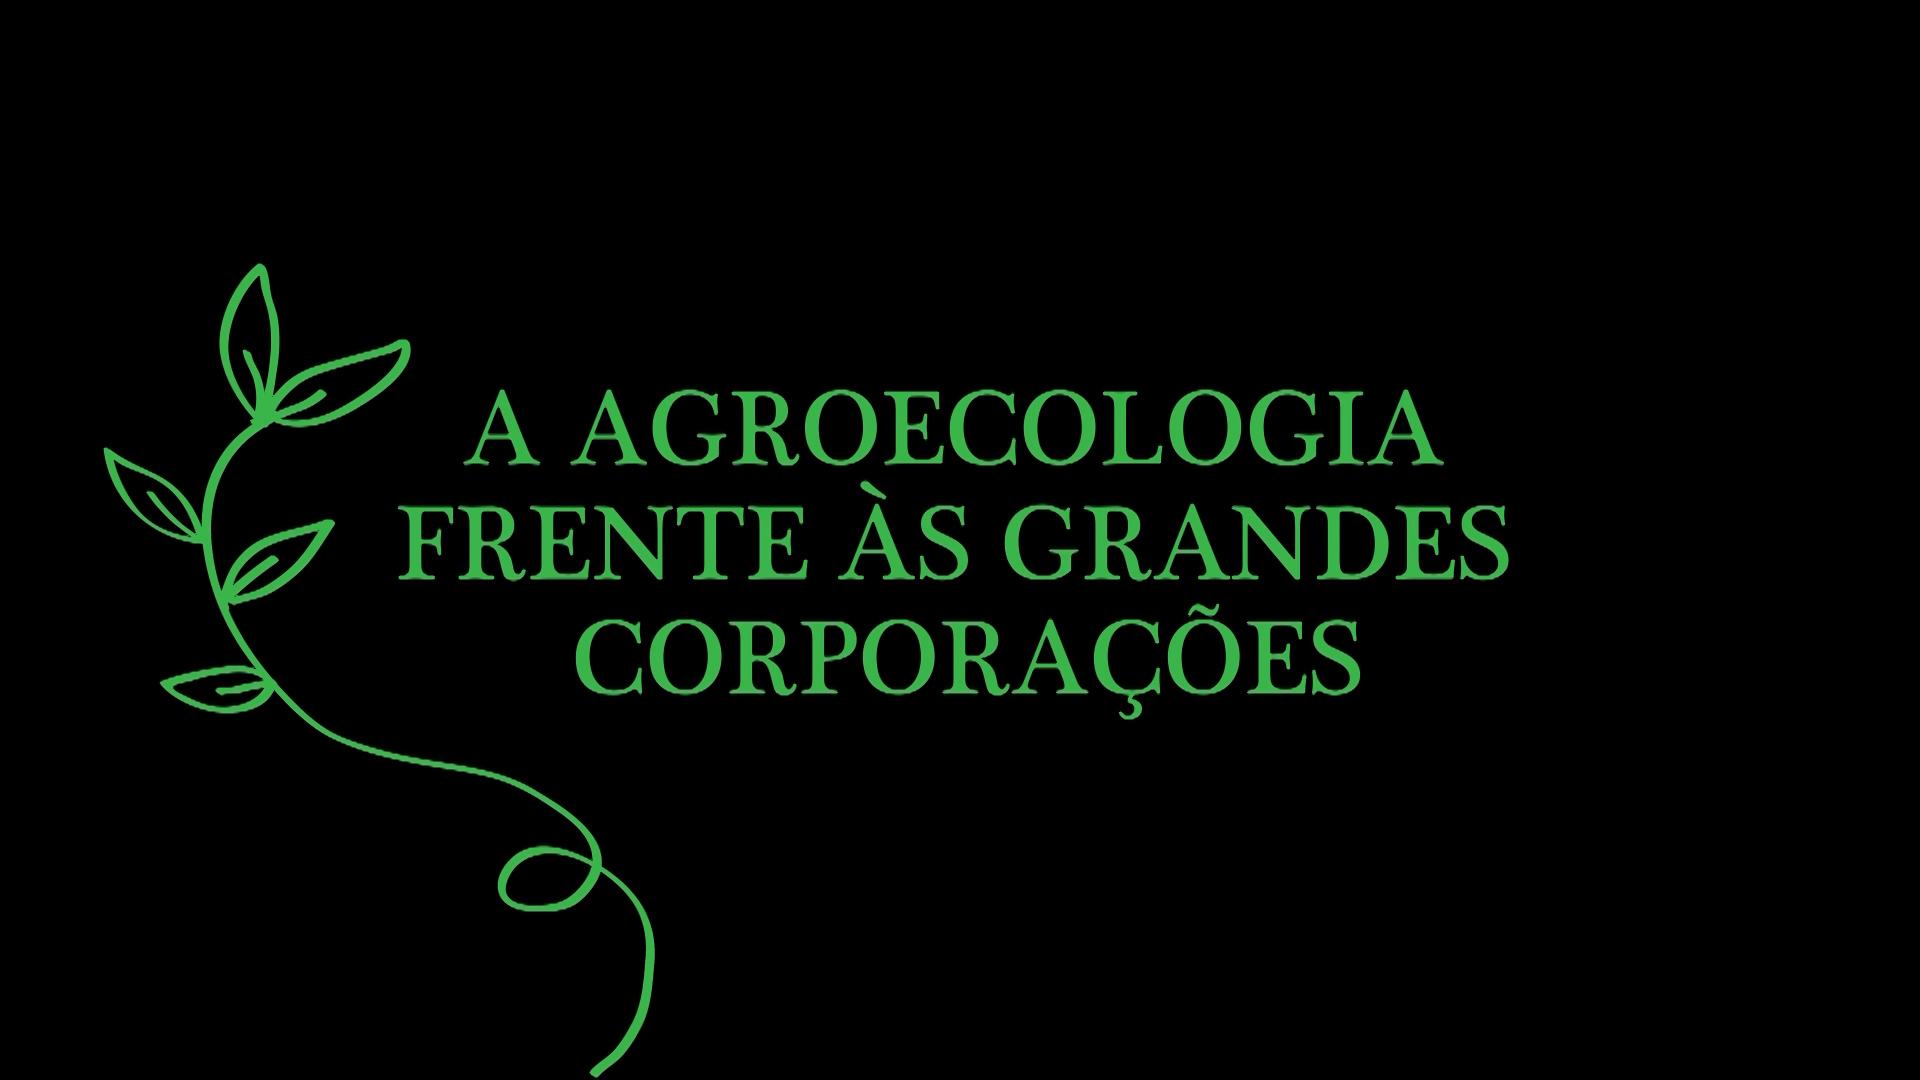 A AGROECOLOGIA FRENTE A GRANDES CORPORAÇÕES